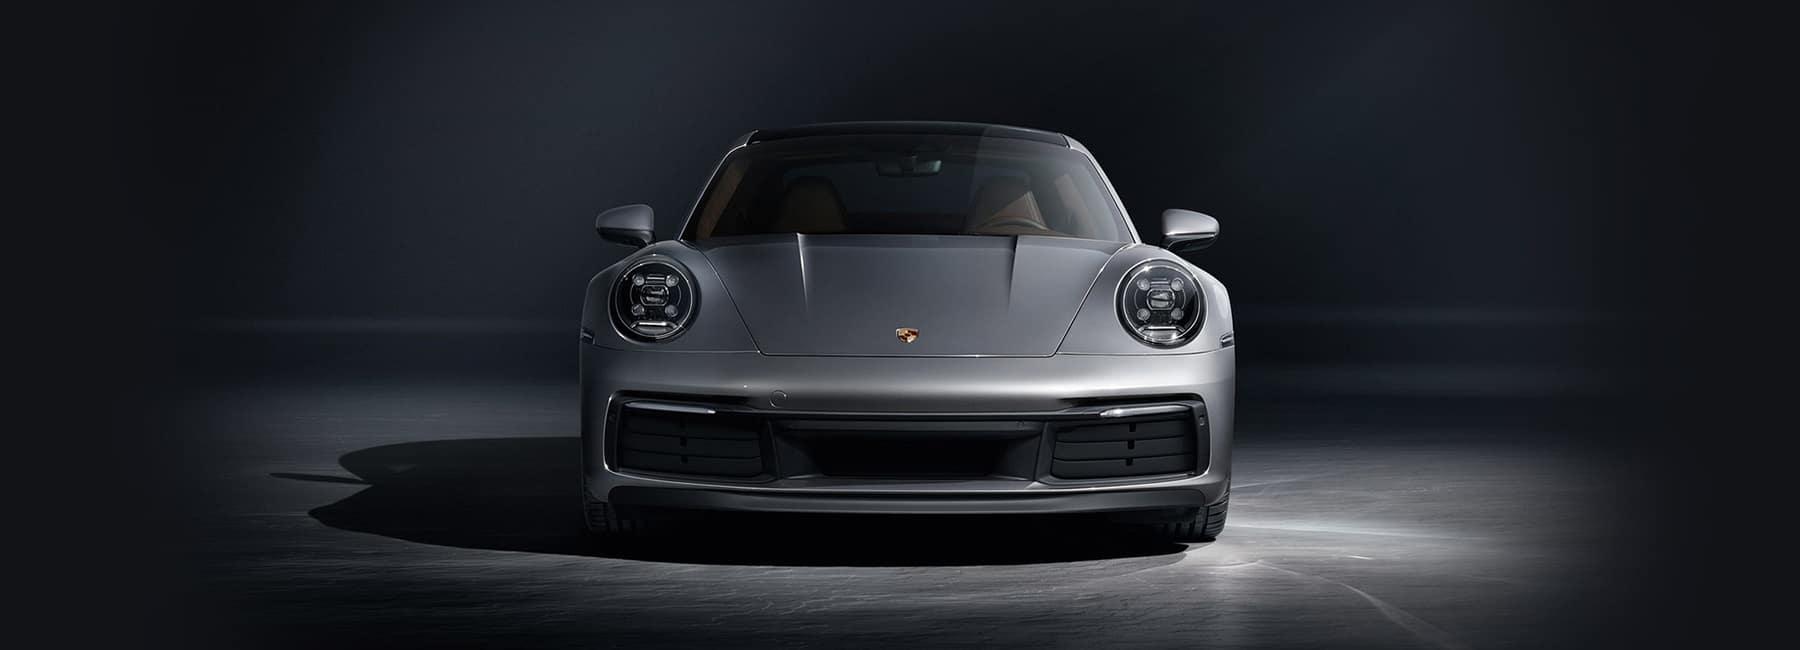 2019 Porsche 911 Front